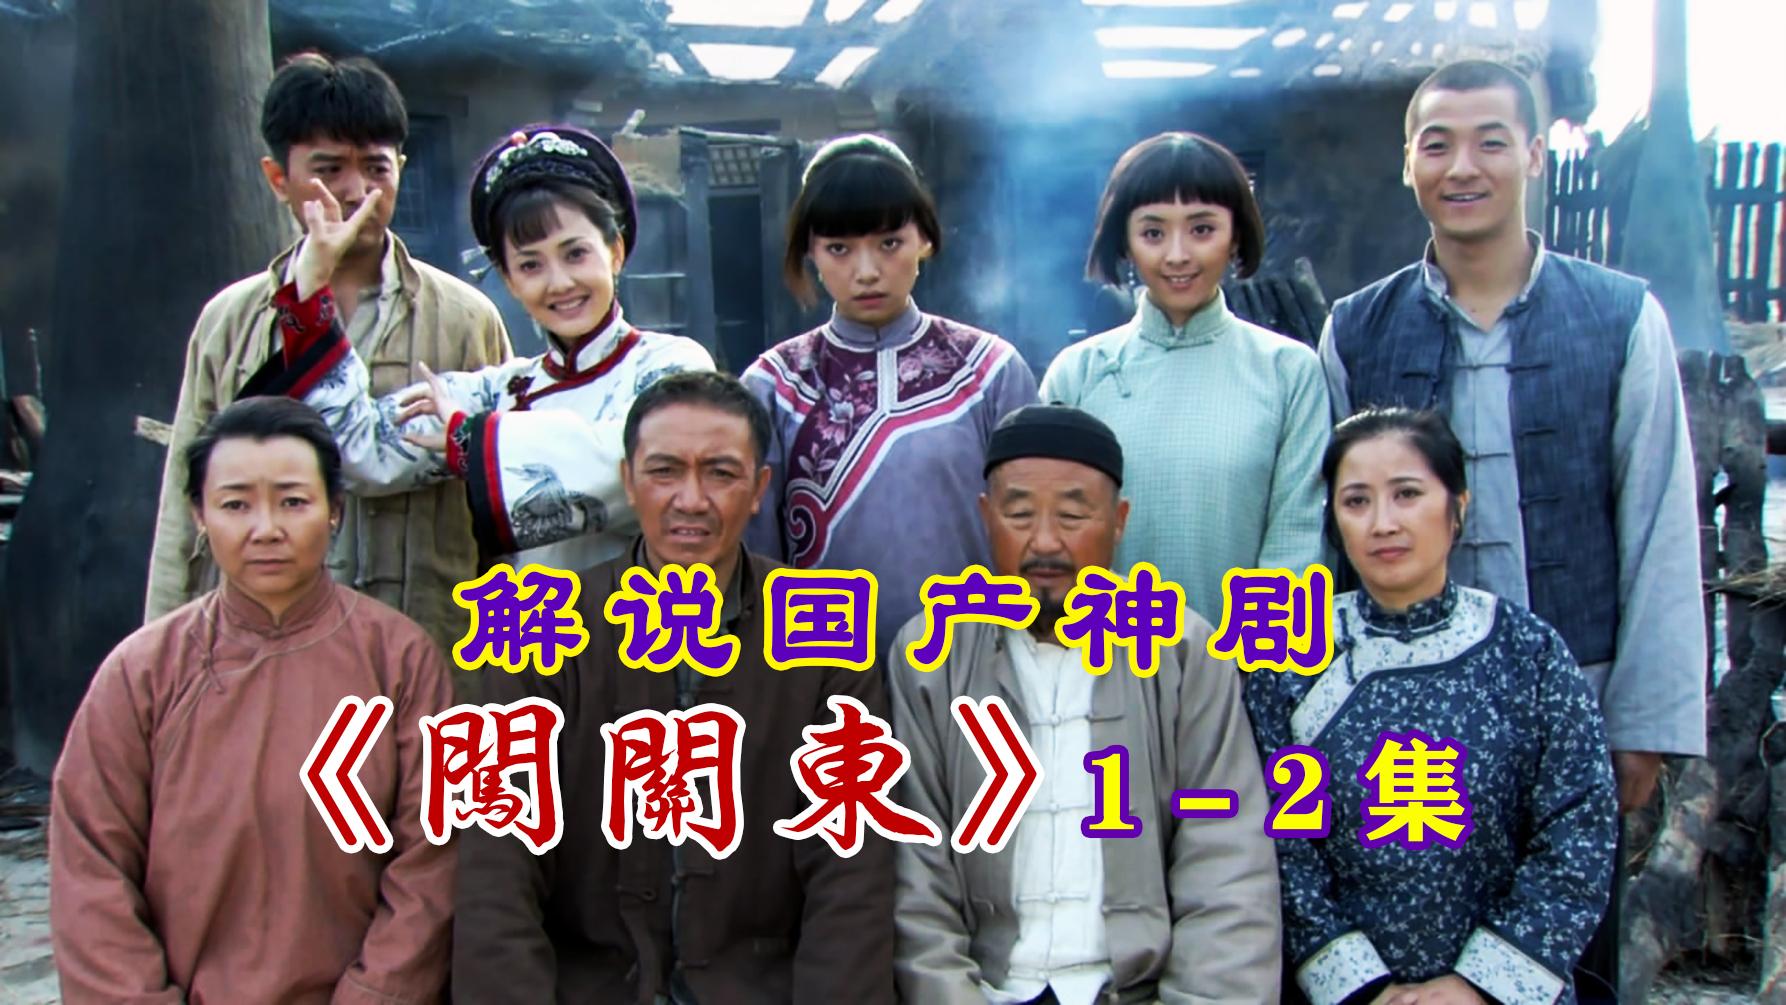 〈腹黑电影〉:解说童年神剧《闯关东》1-2集!我竟然没有注意到这里有年轻的朱亚文和宋佳!